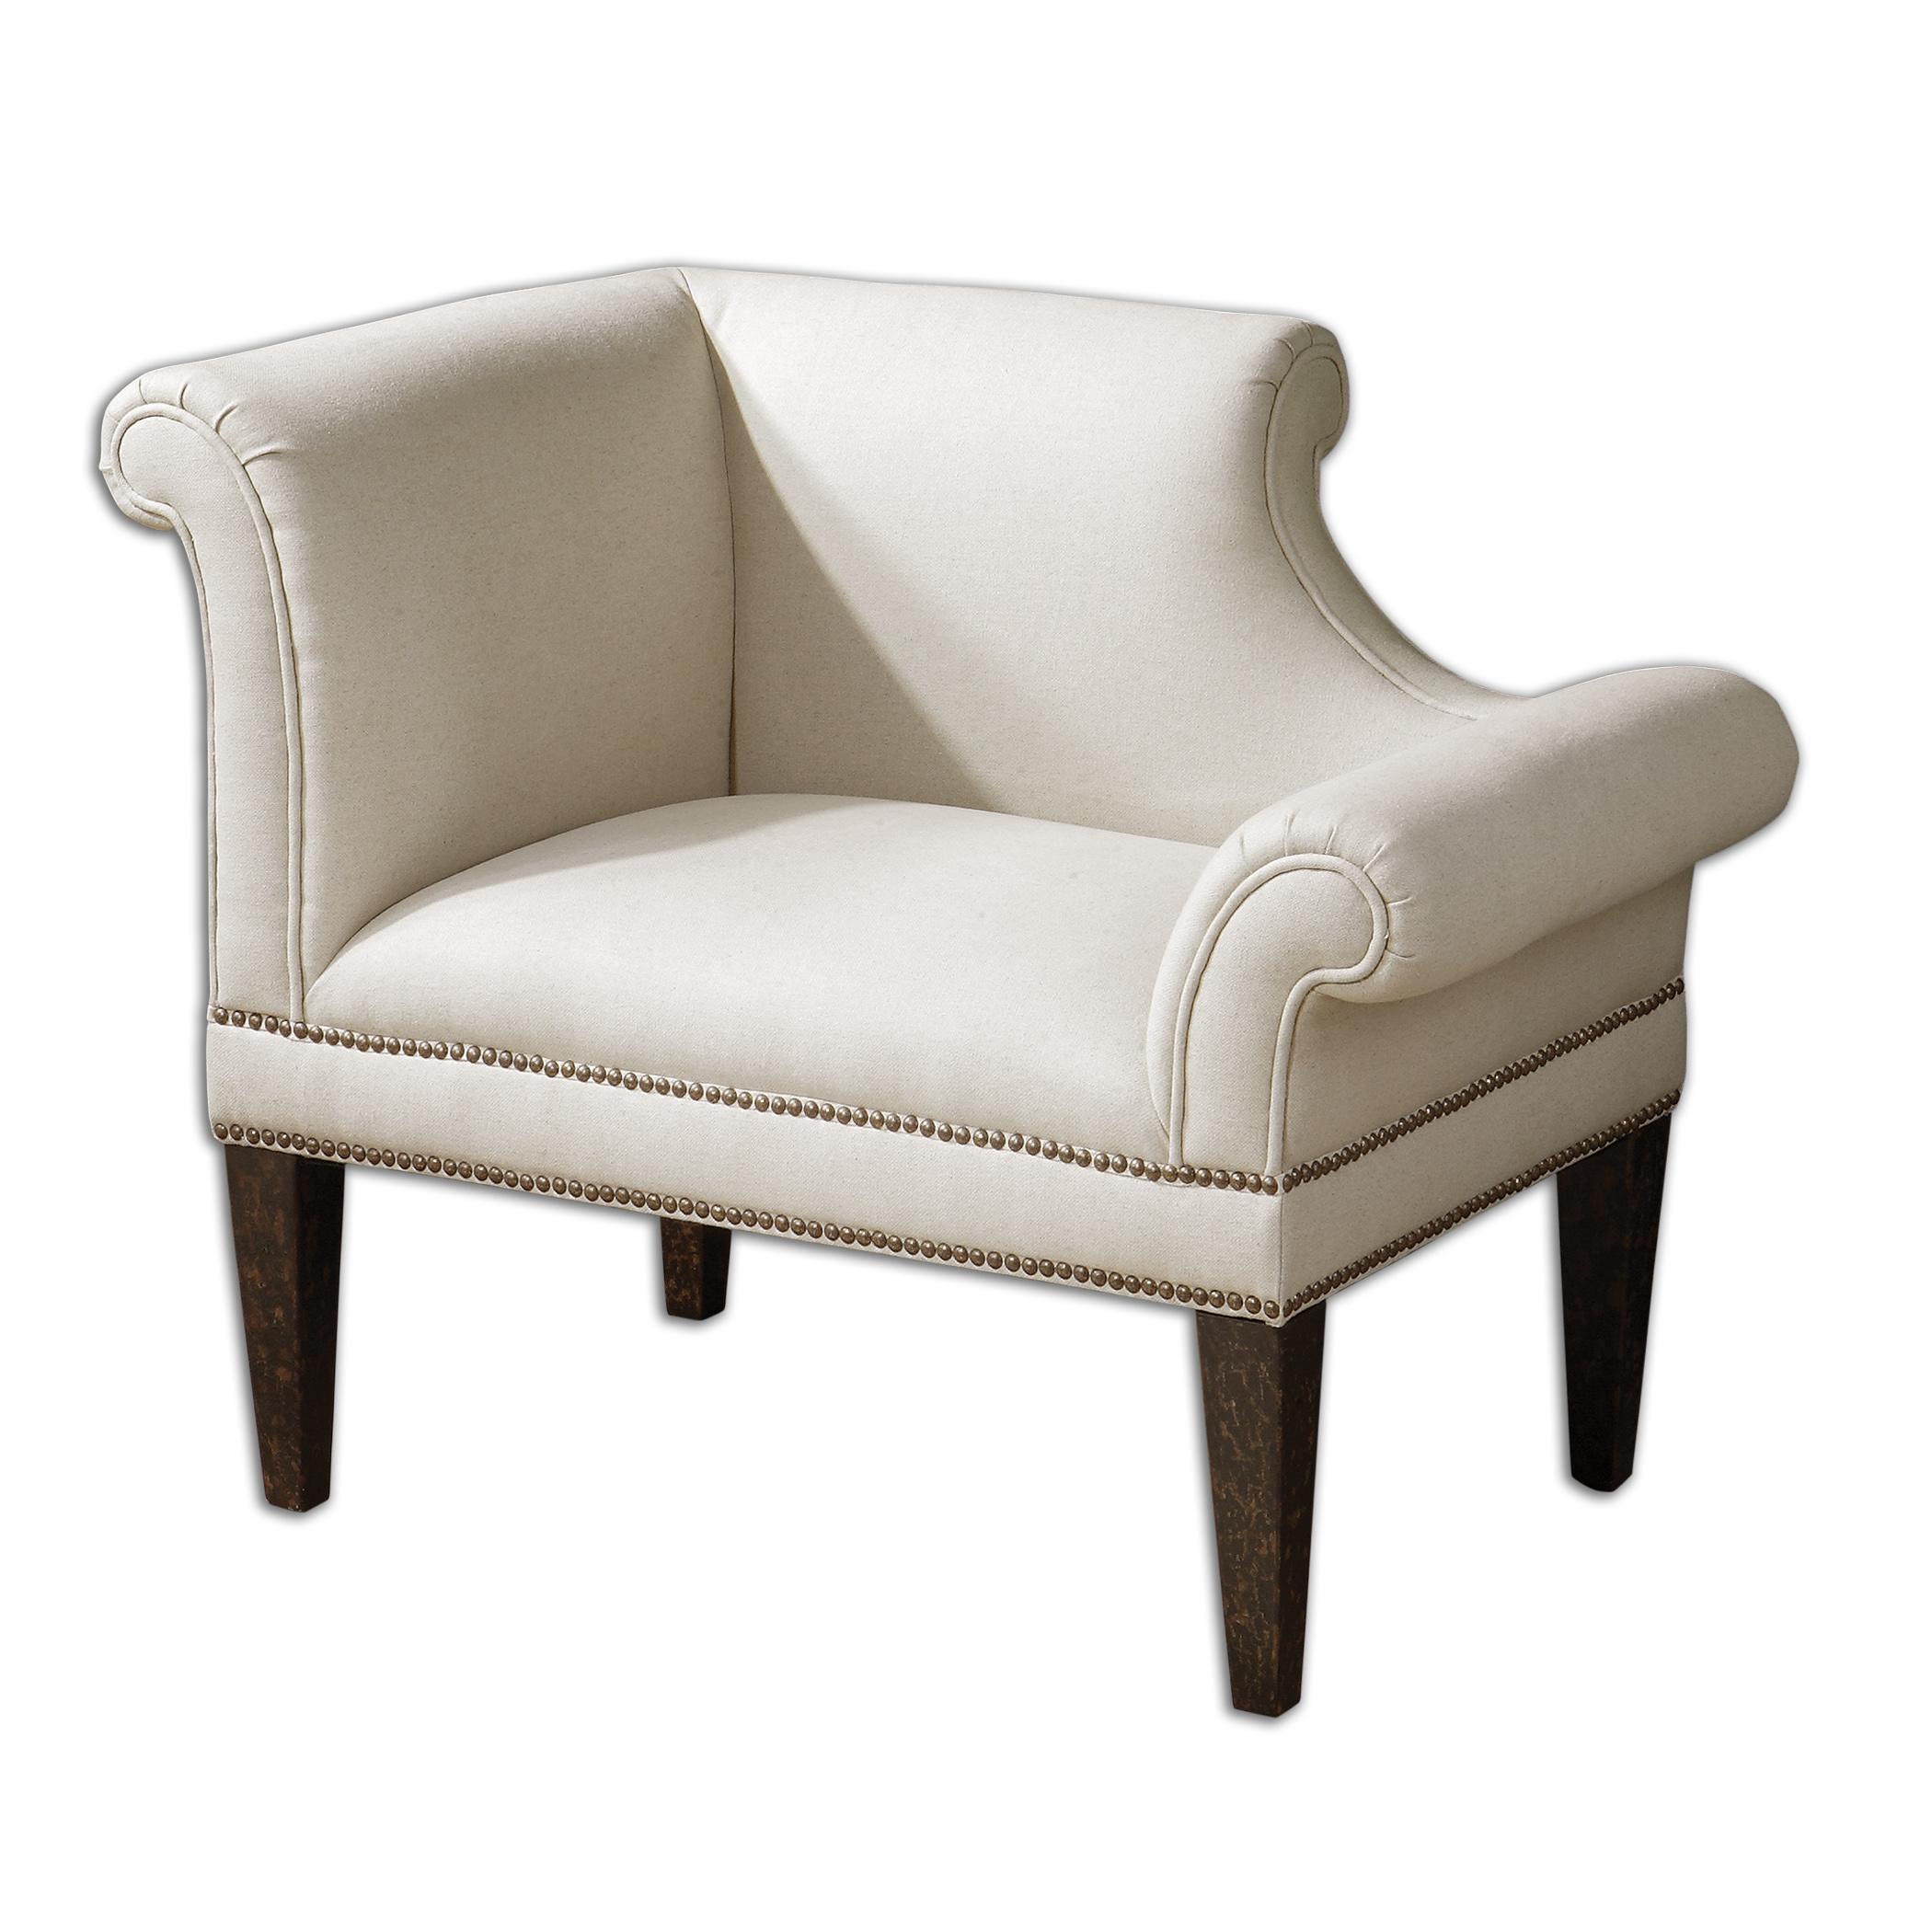 Fontaine White Linen Armchair  sc 1 st  A.Clore Interiors & Fontaine White Linen Armchair - A.Clore Interiors